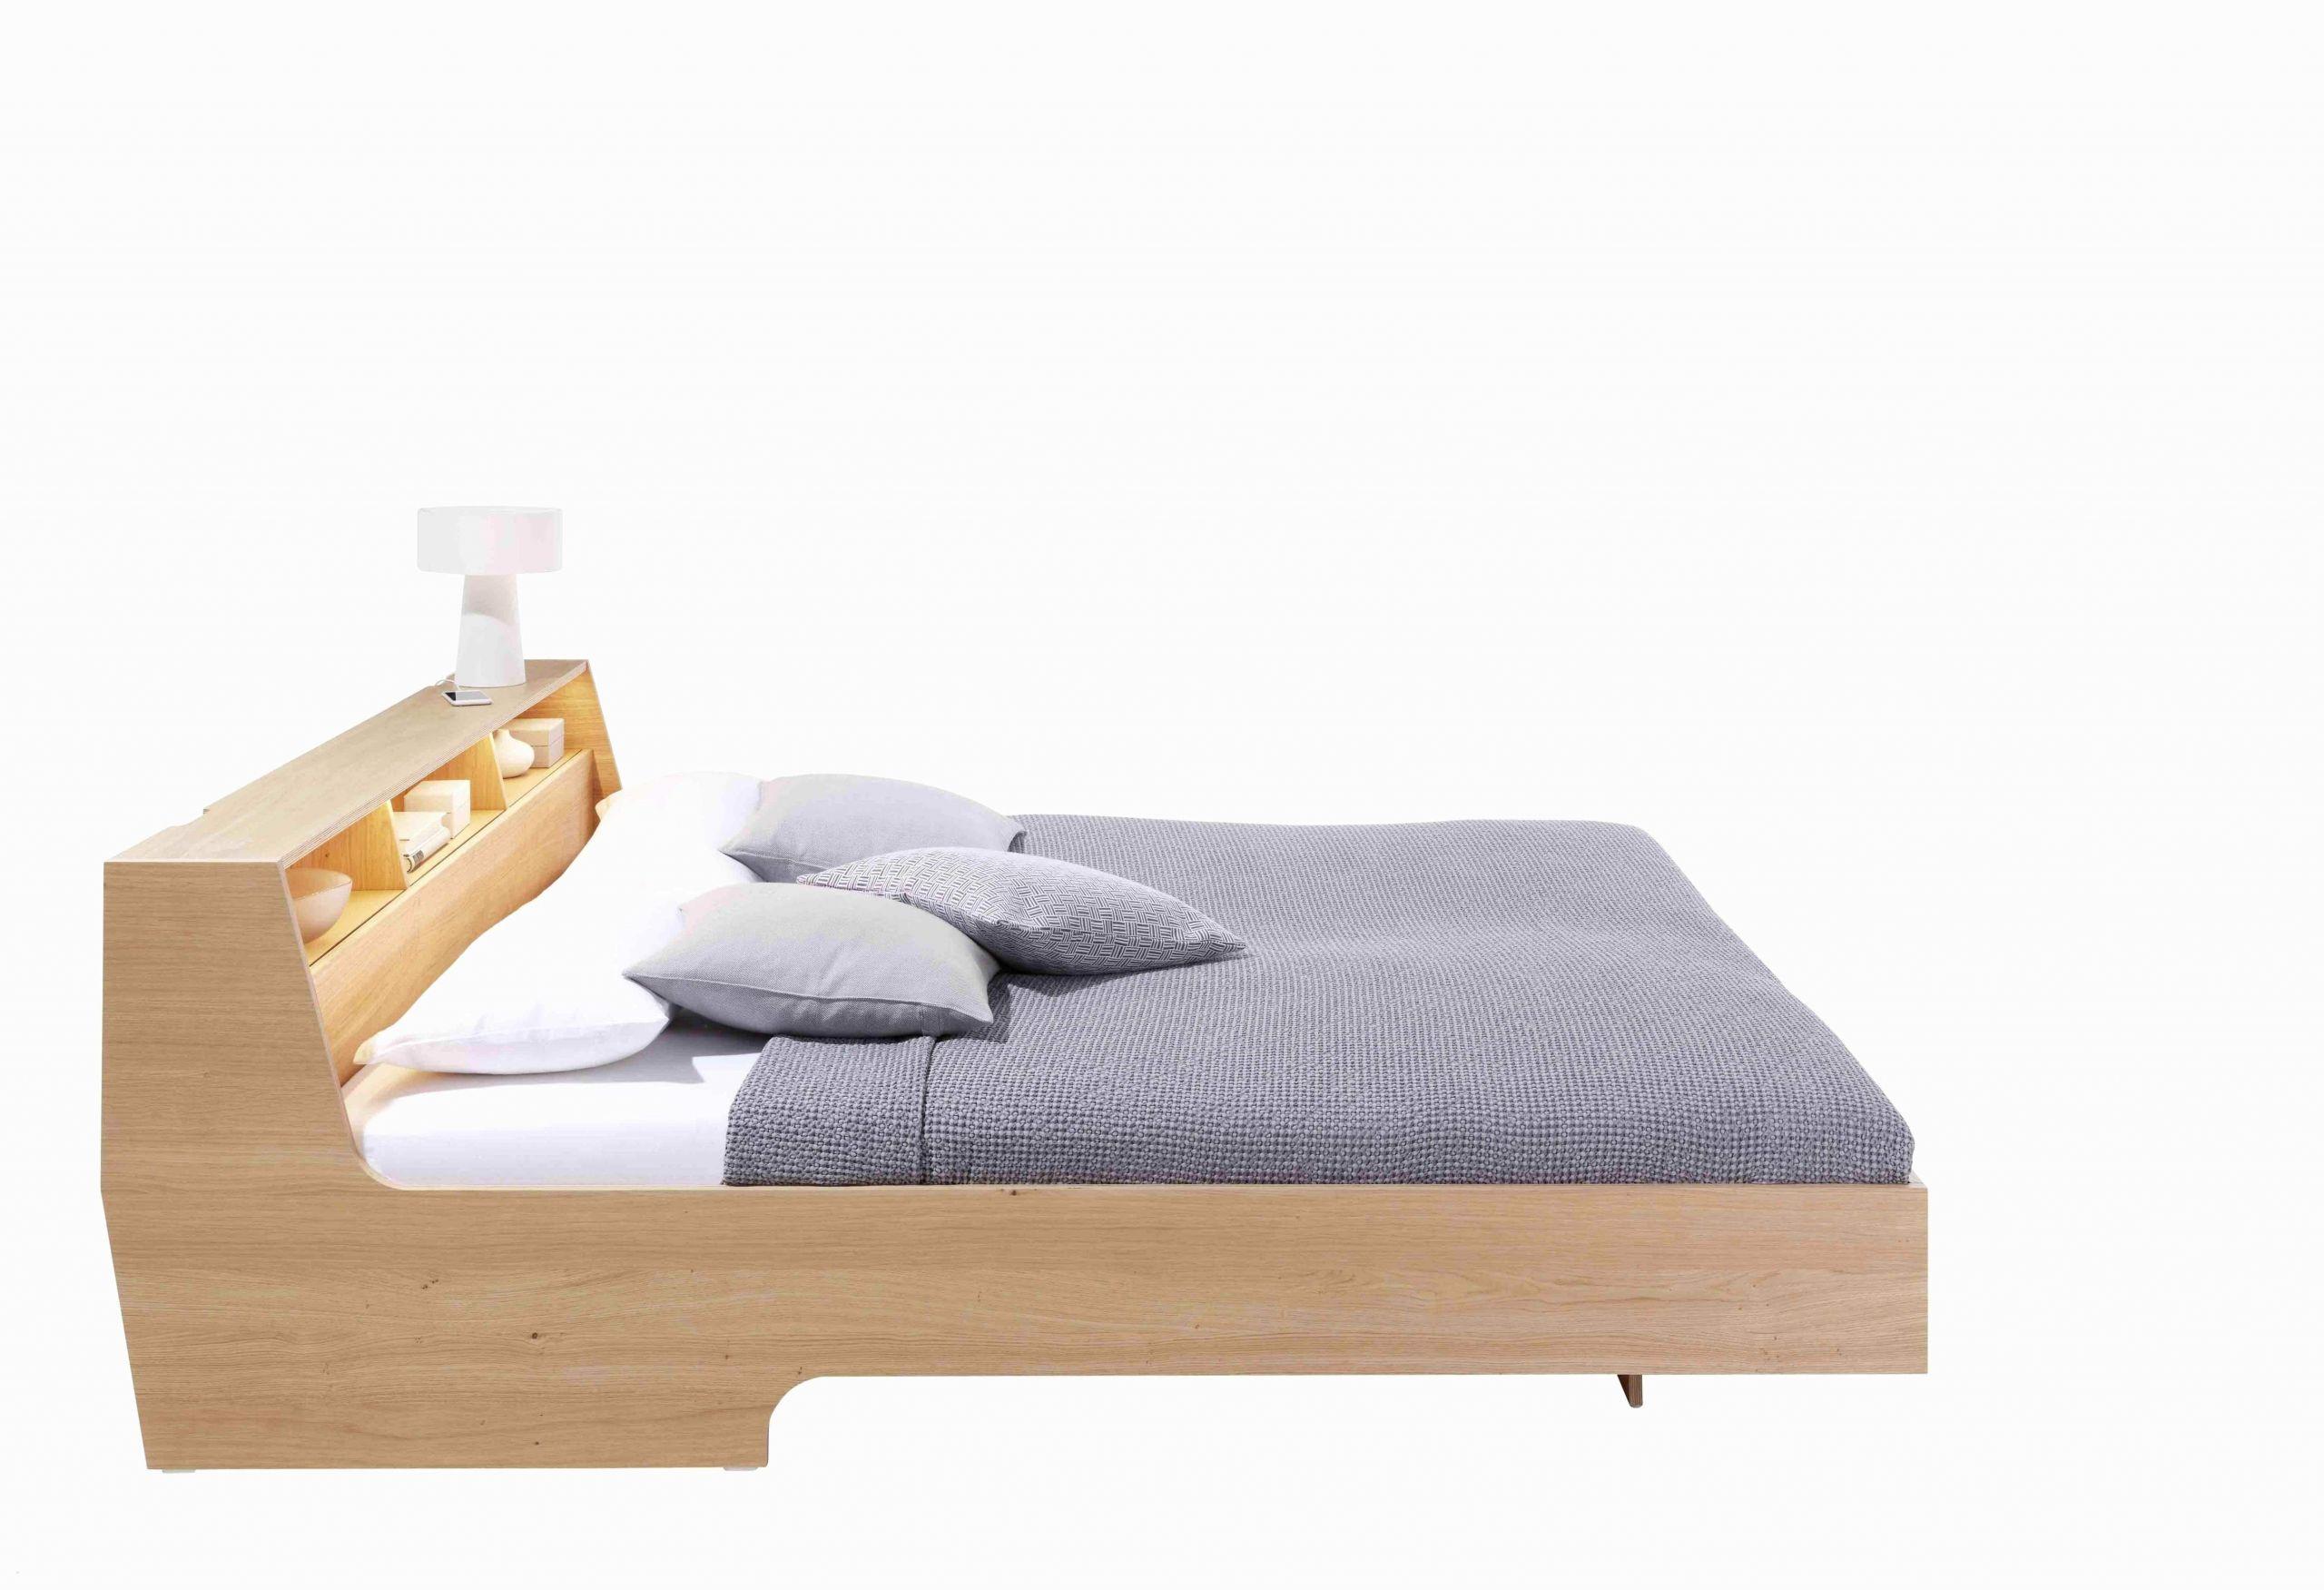 Full Size of 39 Das Beste Von Bett Im Wohnzimmer Integrieren Elegant Betten Landhausstil Tagesdecken Für Ebay Bei Ikea Köln Nolte Meise Mädchen 180x200 Ausgefallene Bett Luxus Betten